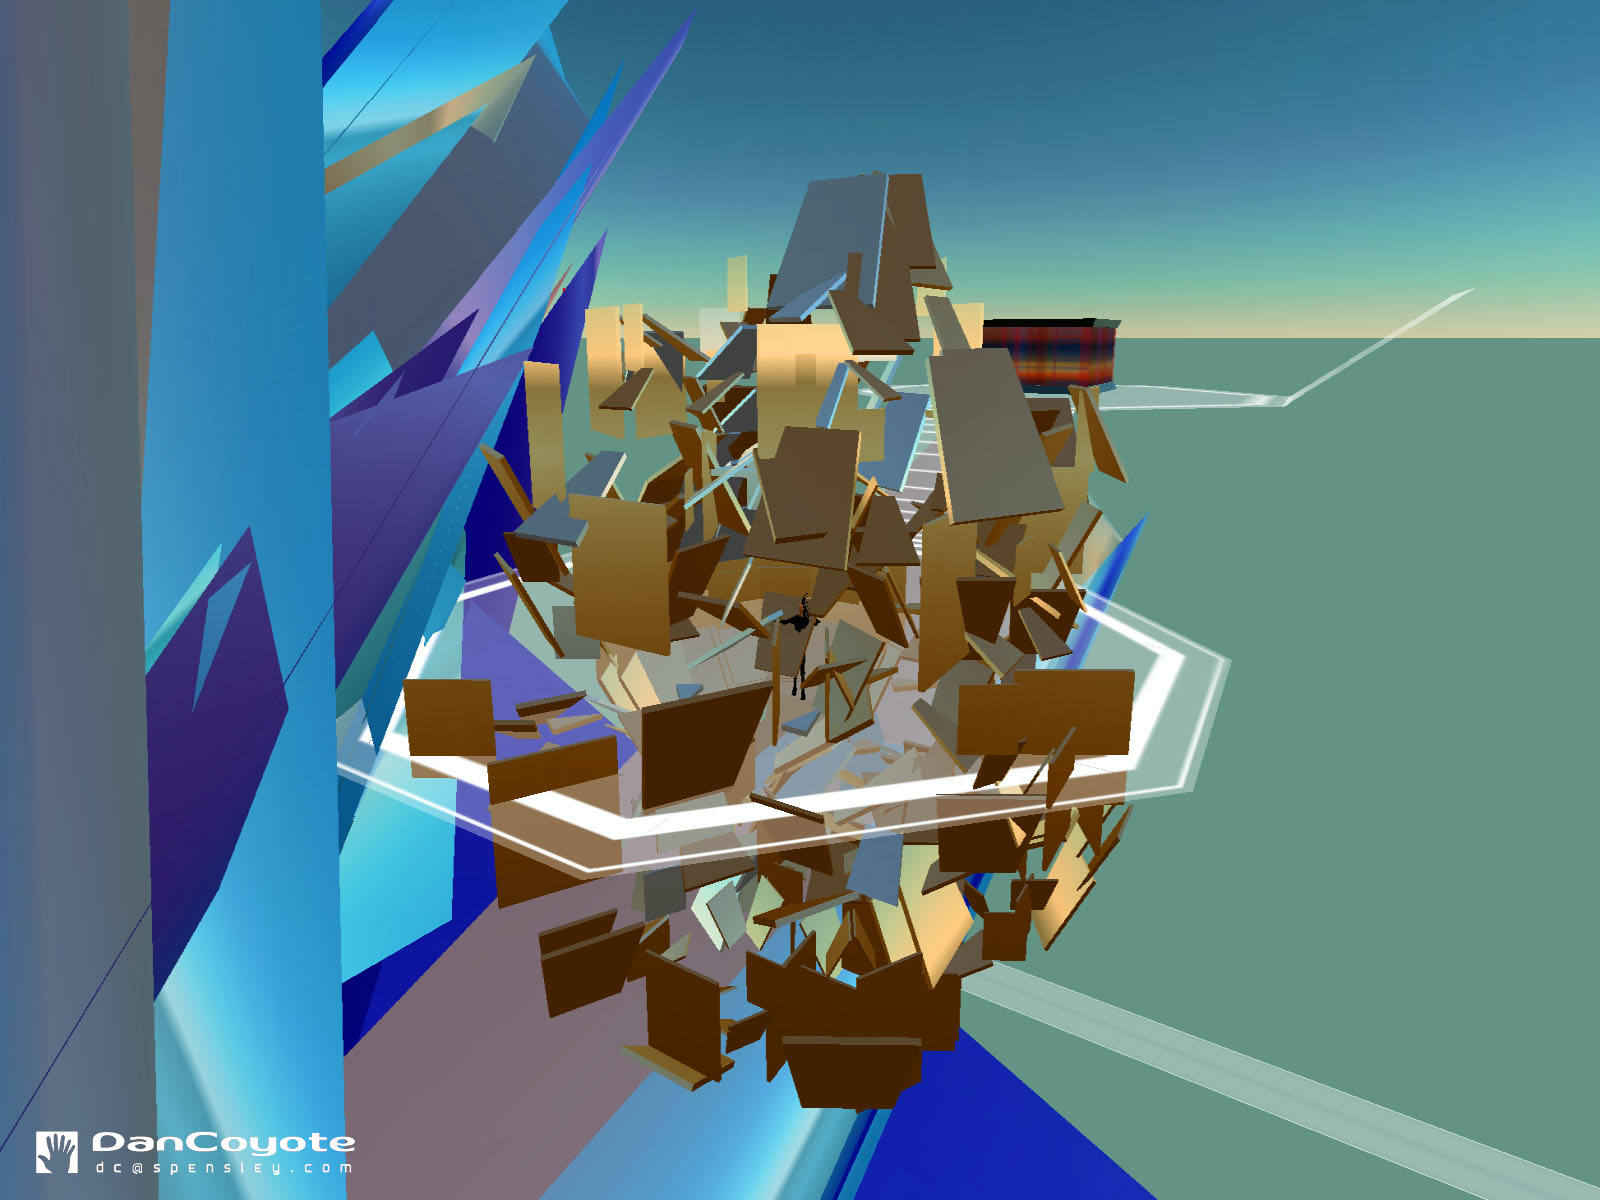 dc_sphere2.jpg